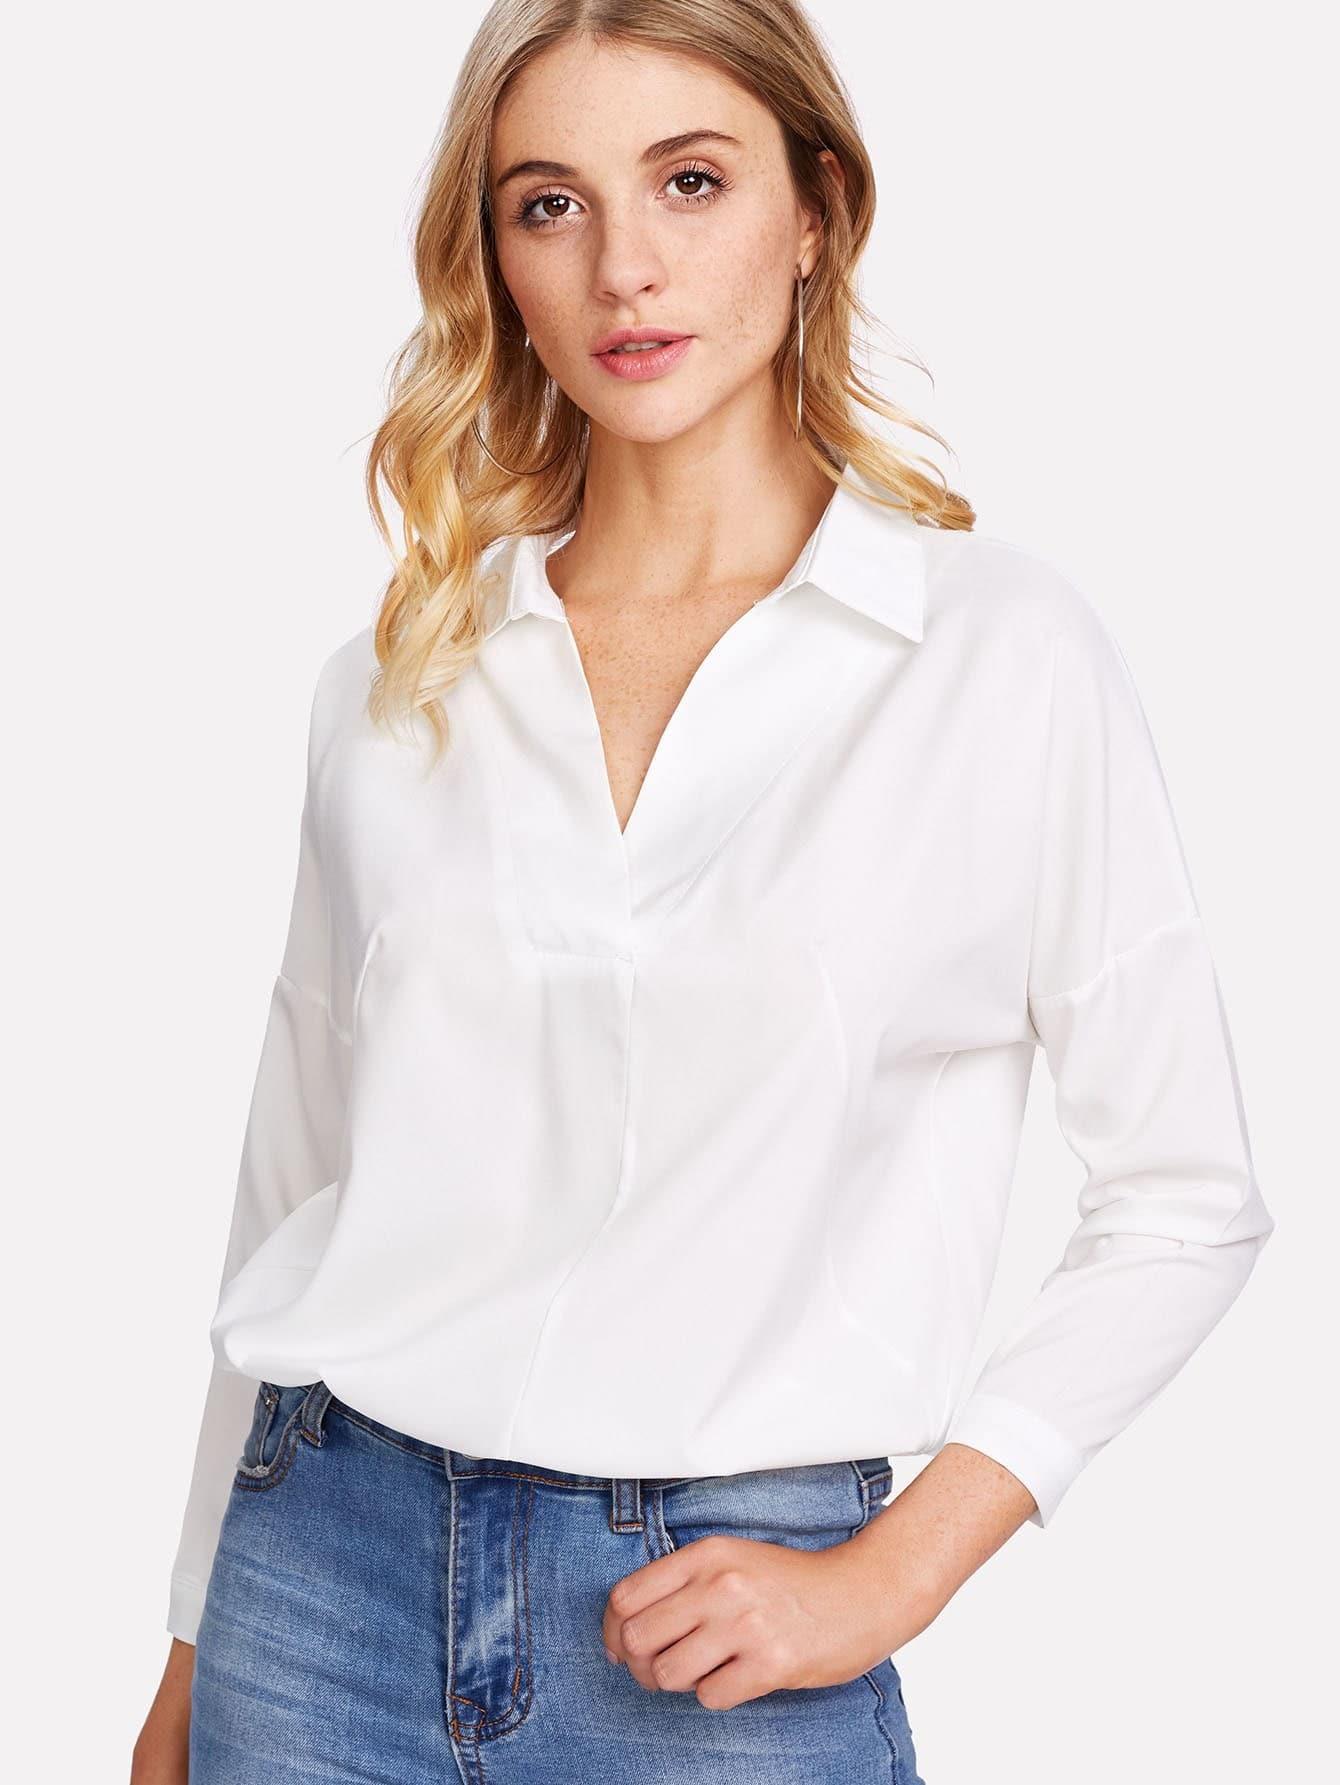 Купить Модная рубашка с кружевной вставкой, Nathane, SheIn